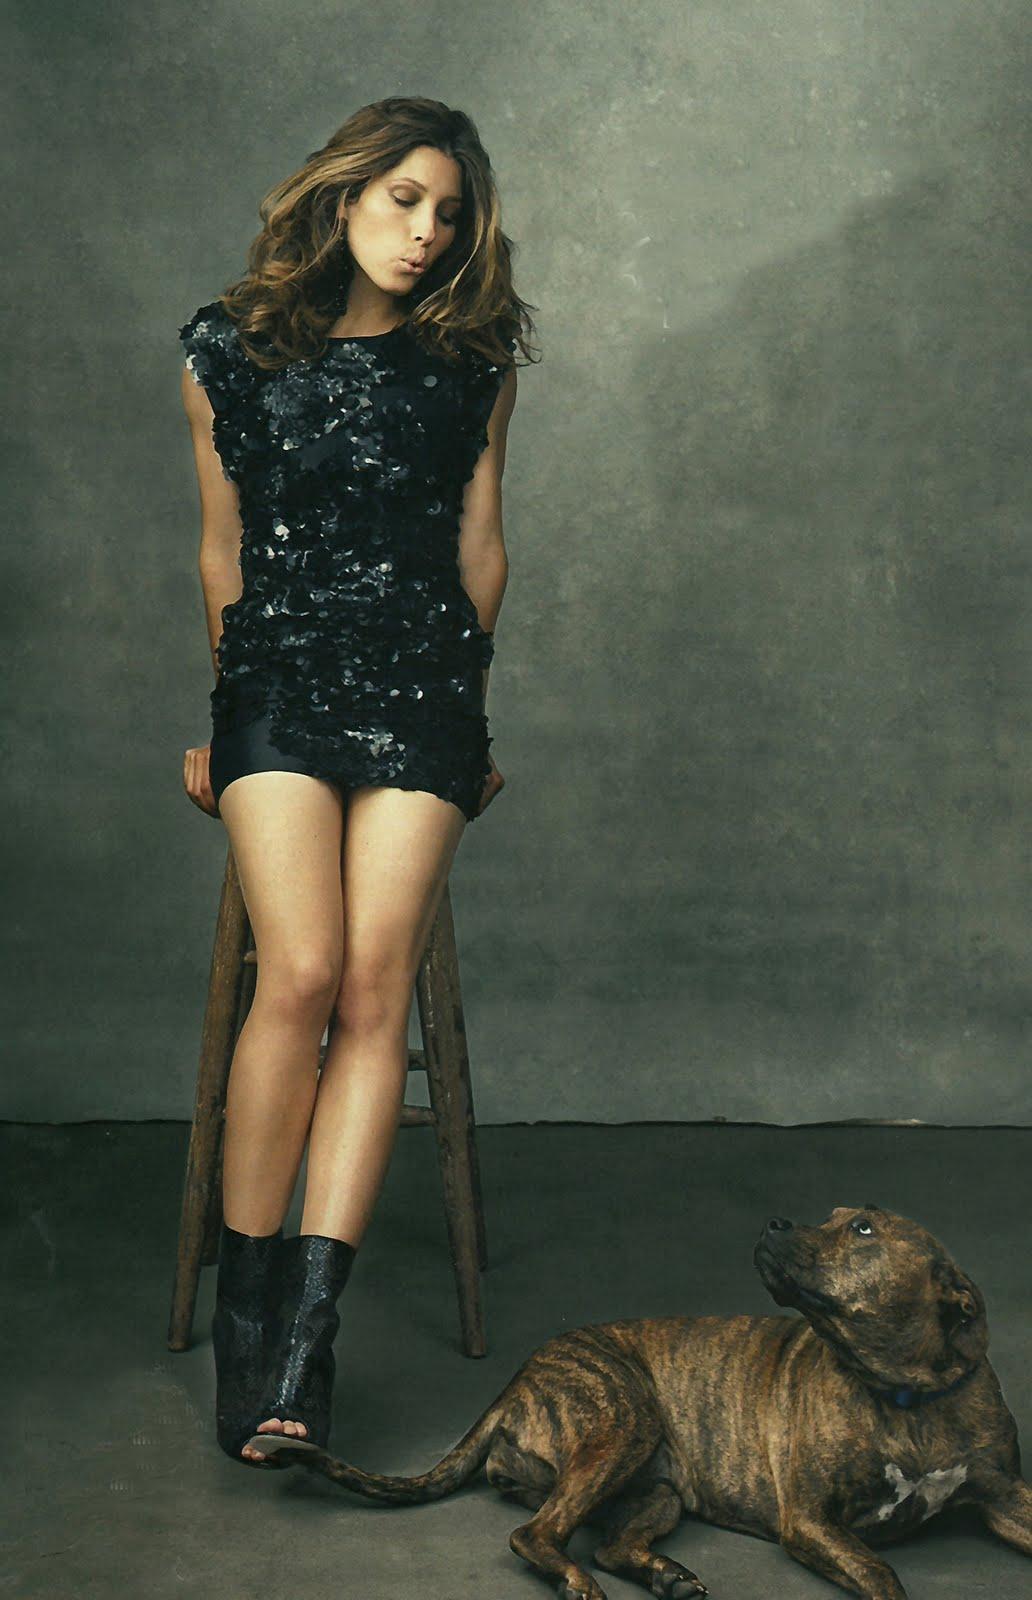 http://3.bp.blogspot.com/_LmbmEVwGjUQ/TEA-Xid6E8I/AAAAAAAABZc/qEJV6tWSlLo/s1600/jessica-biel-glamour-uk-01.jpg